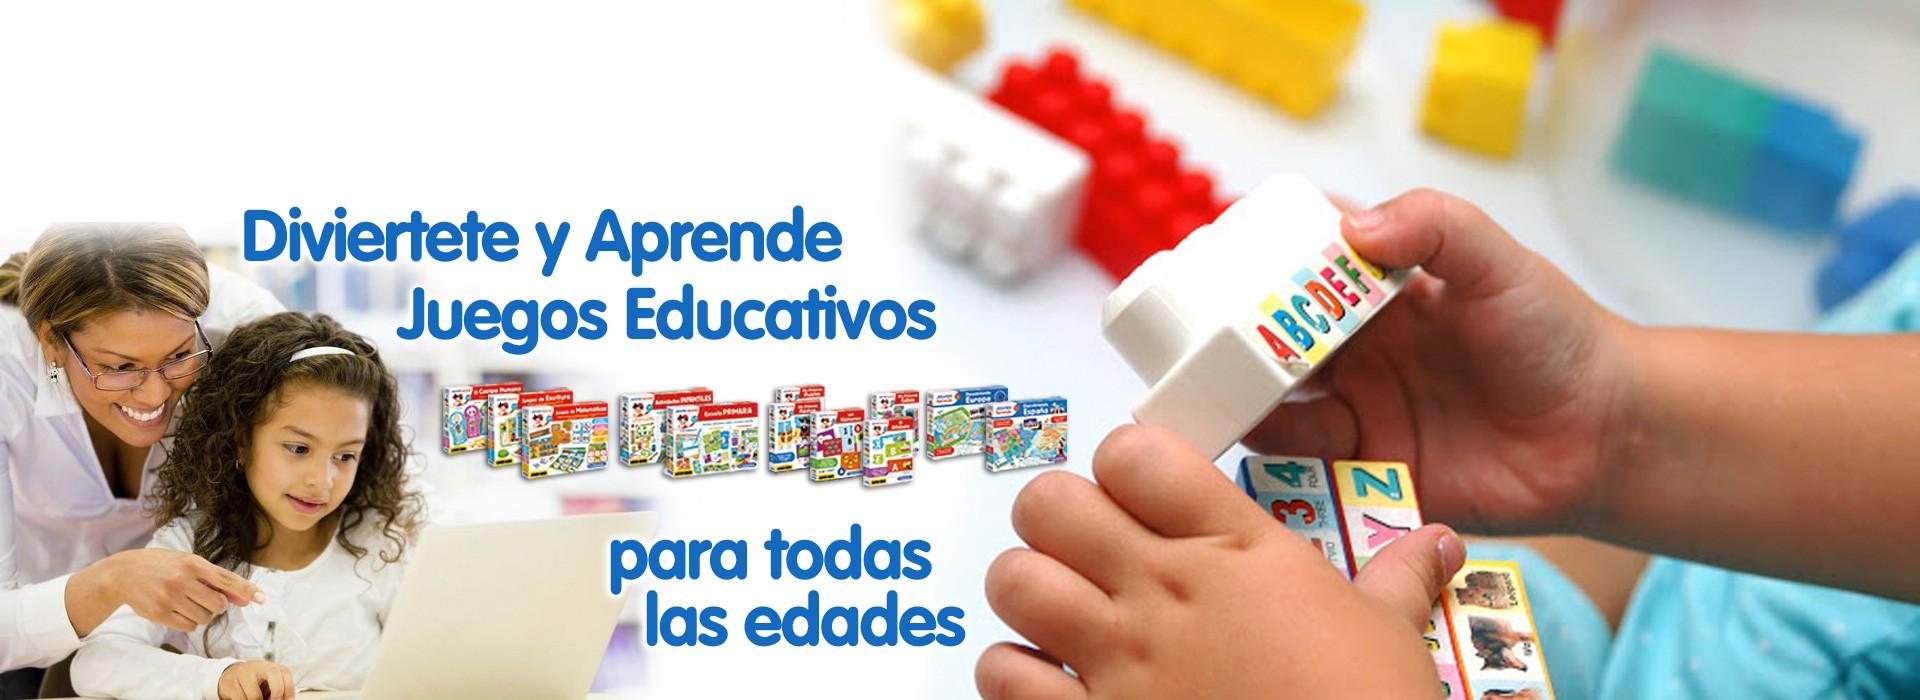 EDUCATIVOS